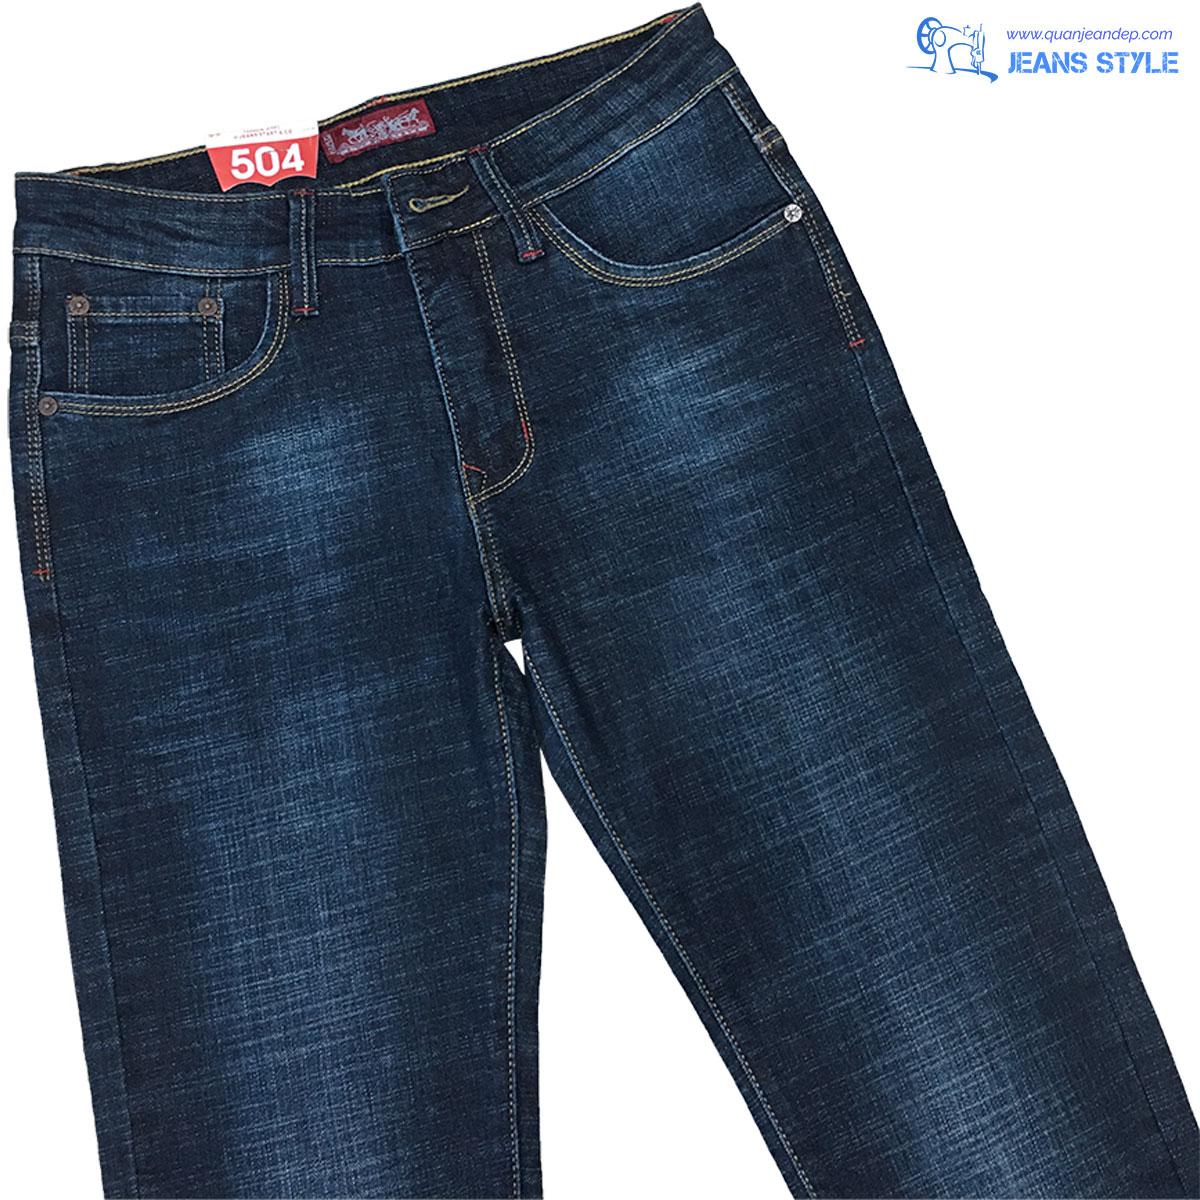 Jeans nam dáng slim-fit co giãn nhẹ 8223 Giá:530.000,00 ₫